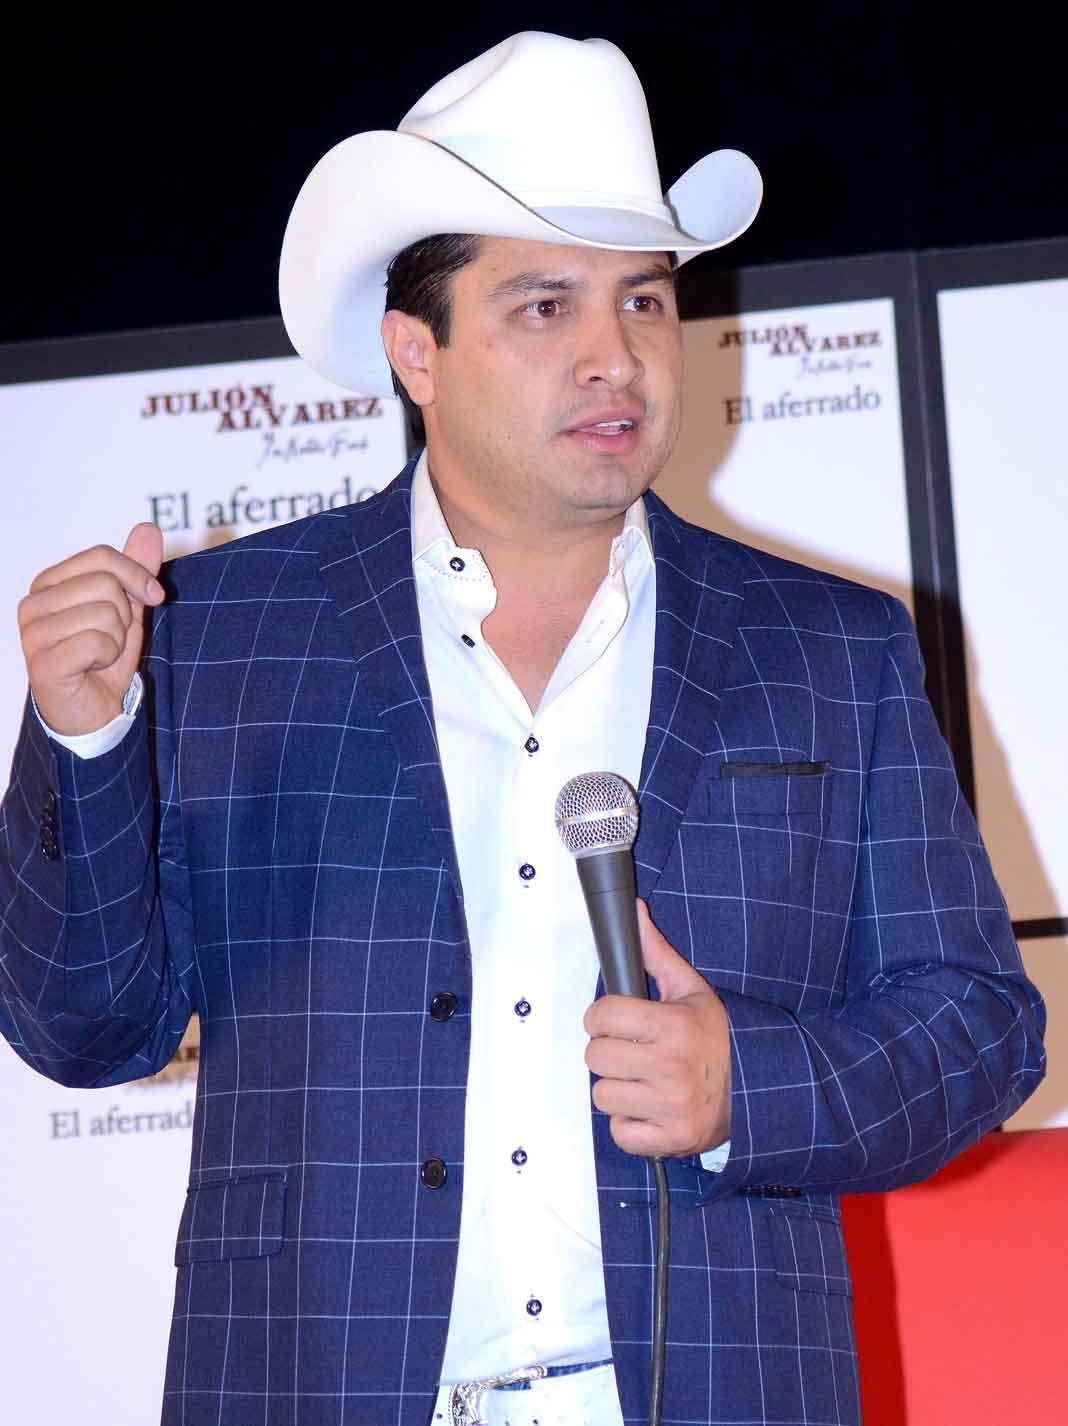 Julión es quizás el cantante de banda más popular del momento